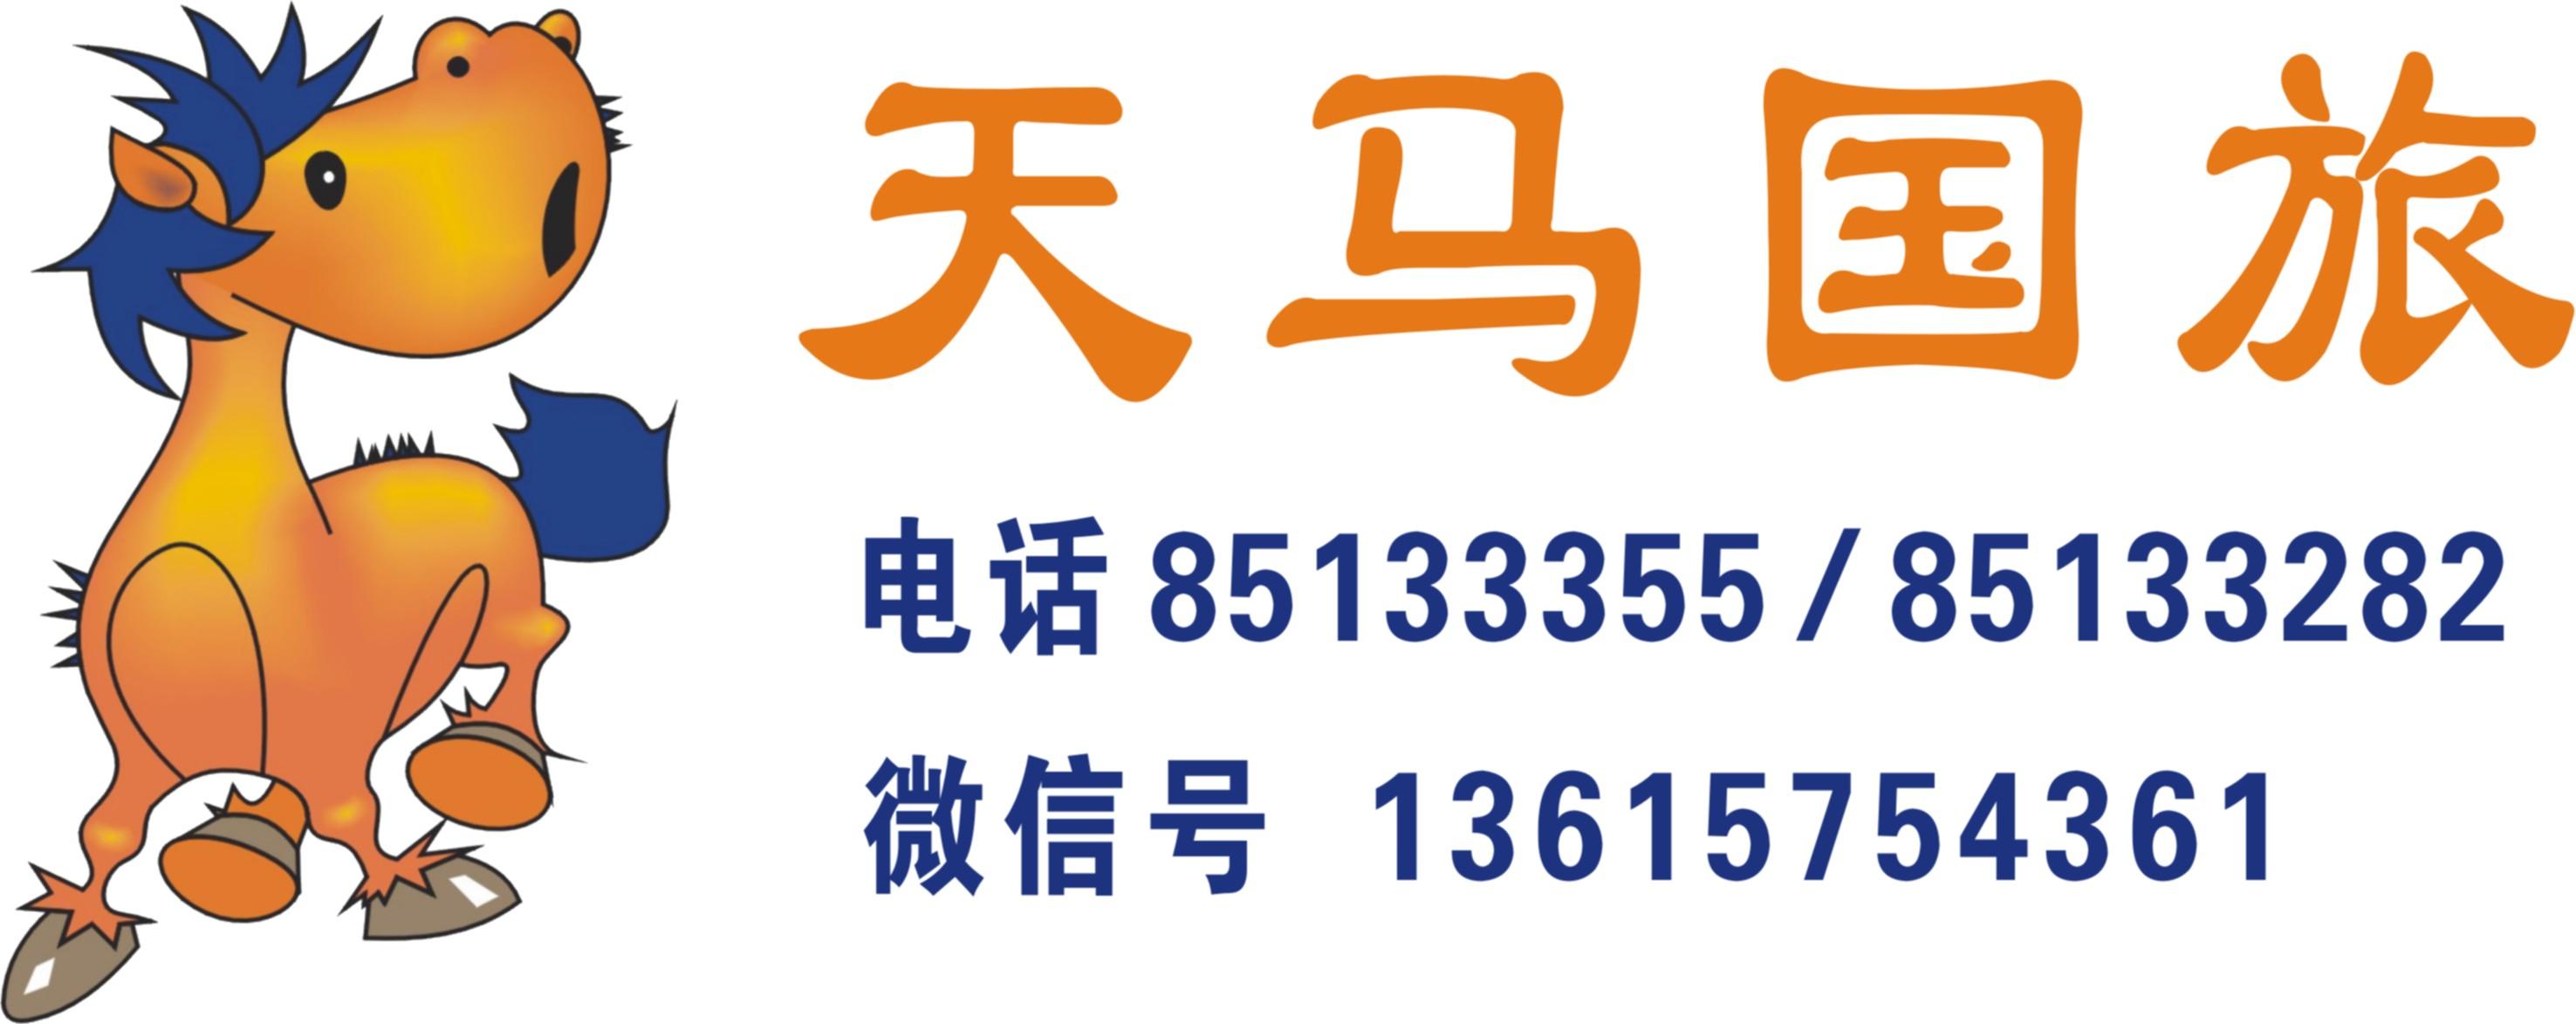 5月【帝都慢游 北京悠闲度假双高五日】0购物0自费0景交